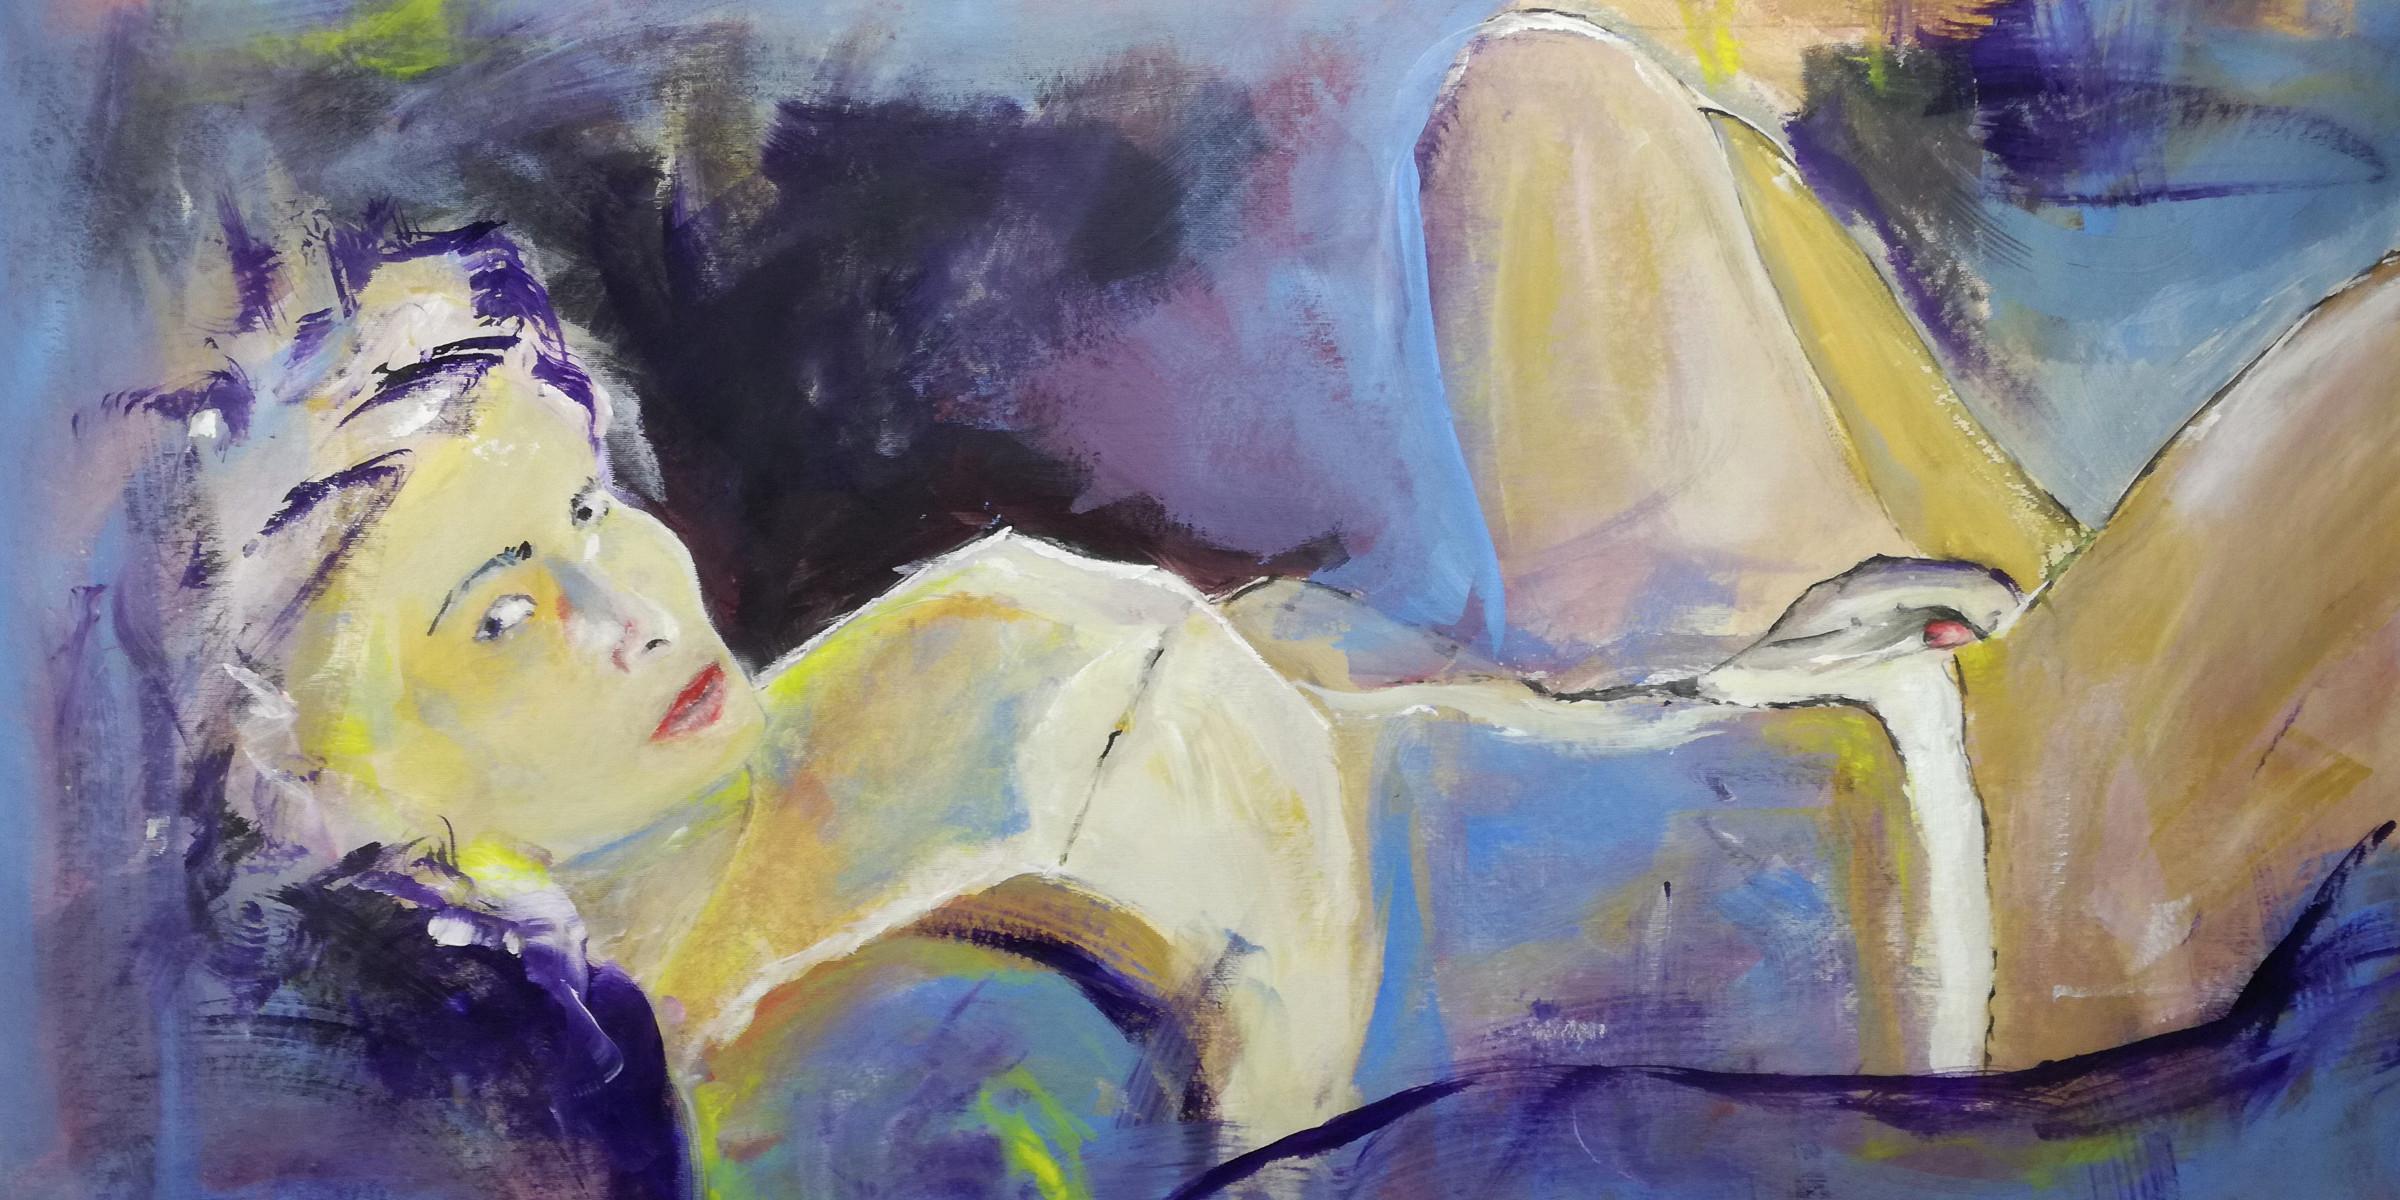 dipinto donna viola woman D002 - quadri grandi dimensioni moderni 120x60